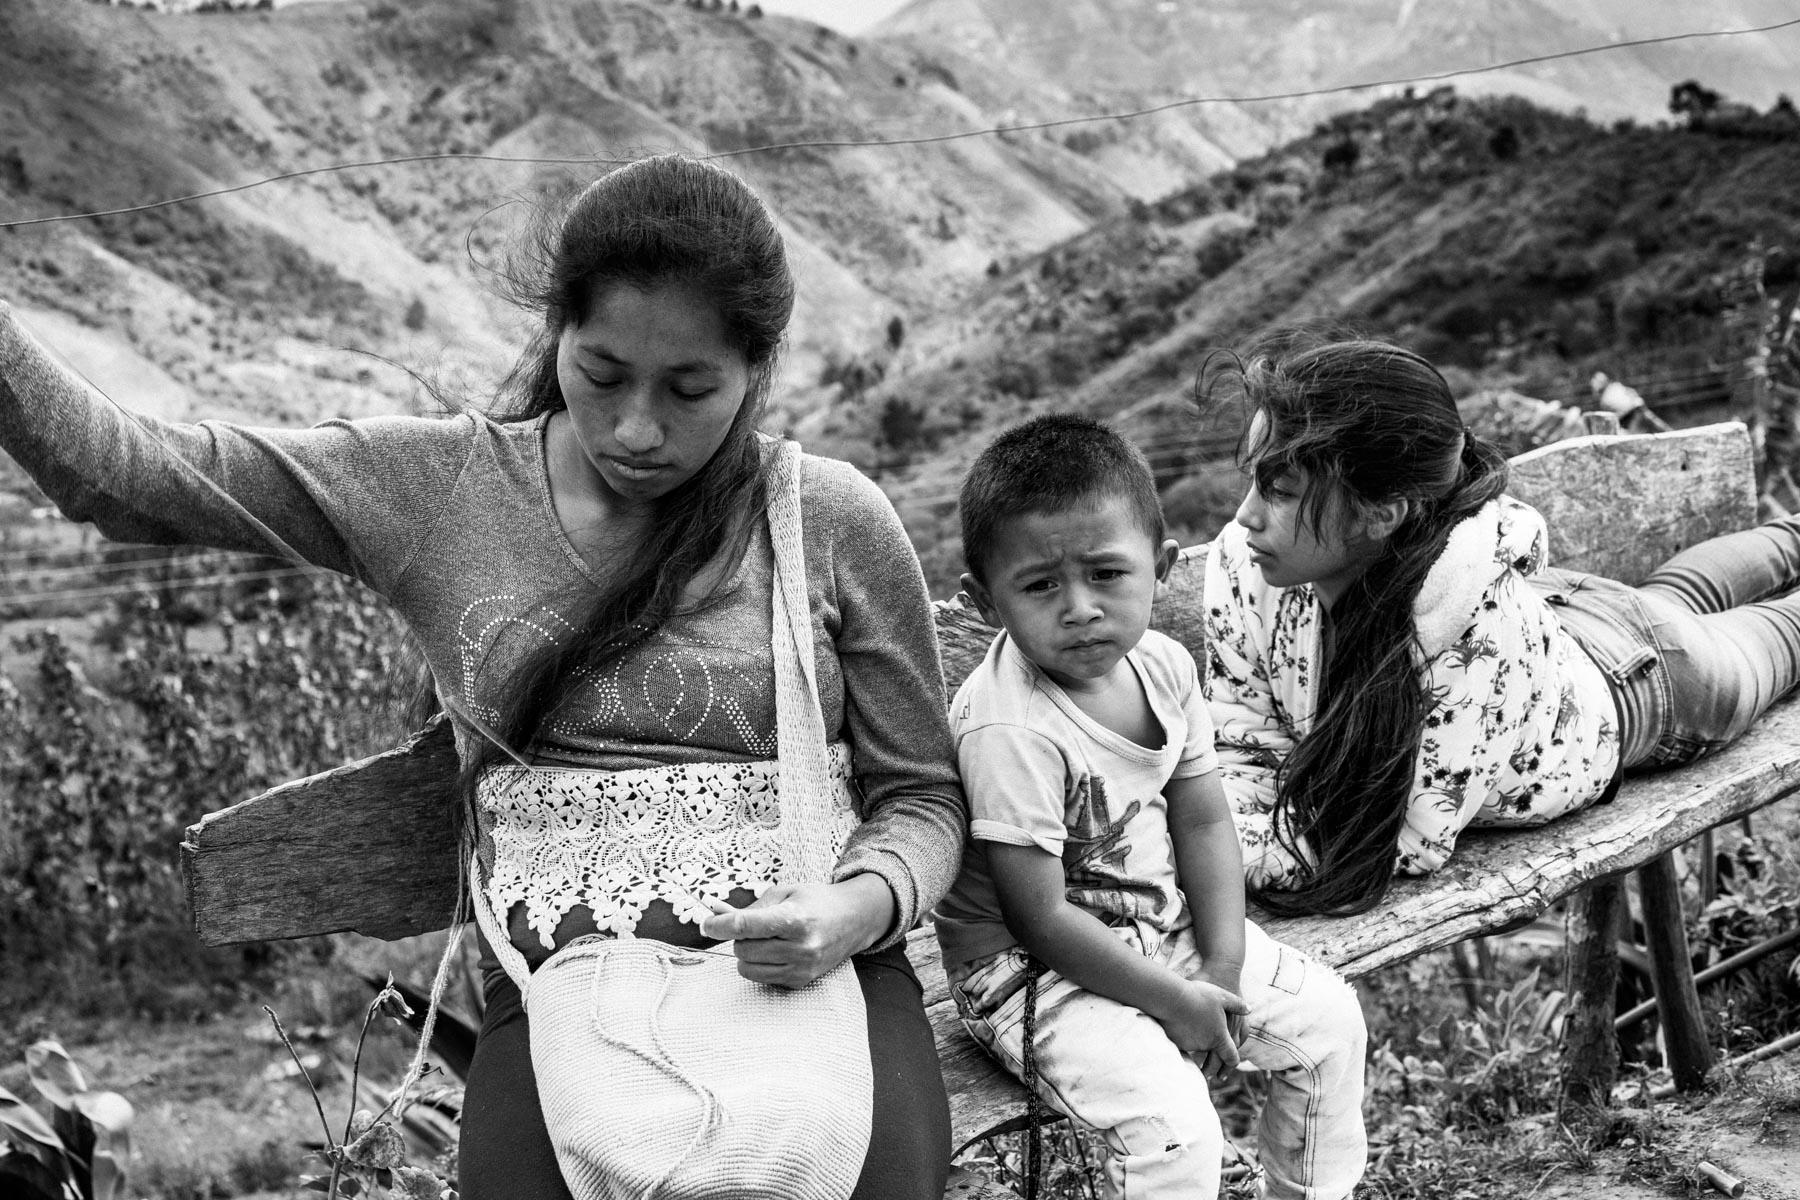 Finca de Luz Mery Pavi Tenorio (39 años).  Maria Elena Uscue Ul (21 años) con su hijo David Pavi Uscue (3 años), La Primicia, Resguardo San Francisco. Cauca, Colombia, Agosto 19, 2018.